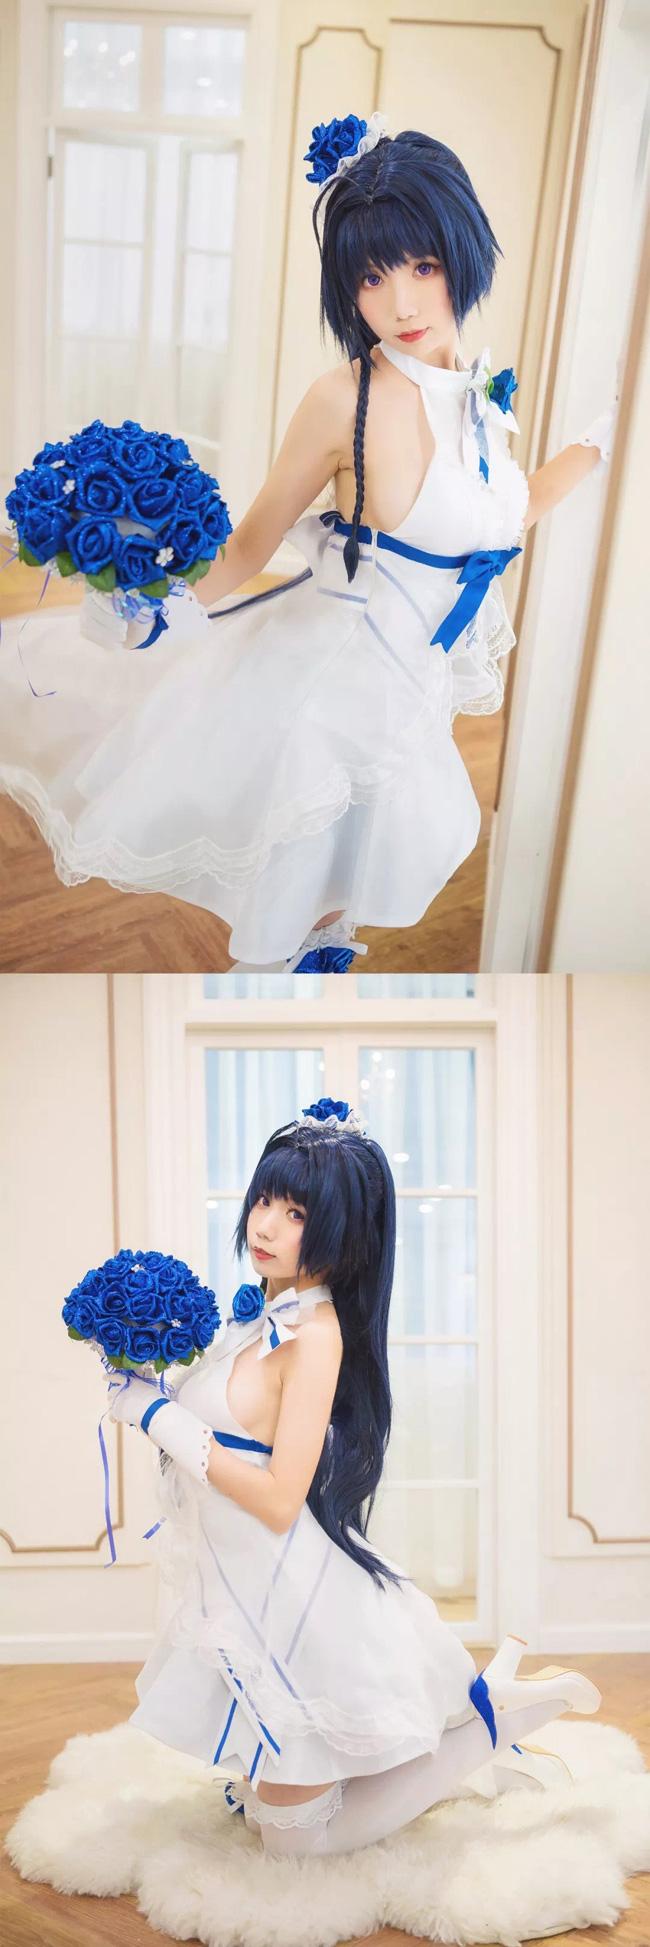 【崩坏3】Cosplay 纯净花嫁芽衣!